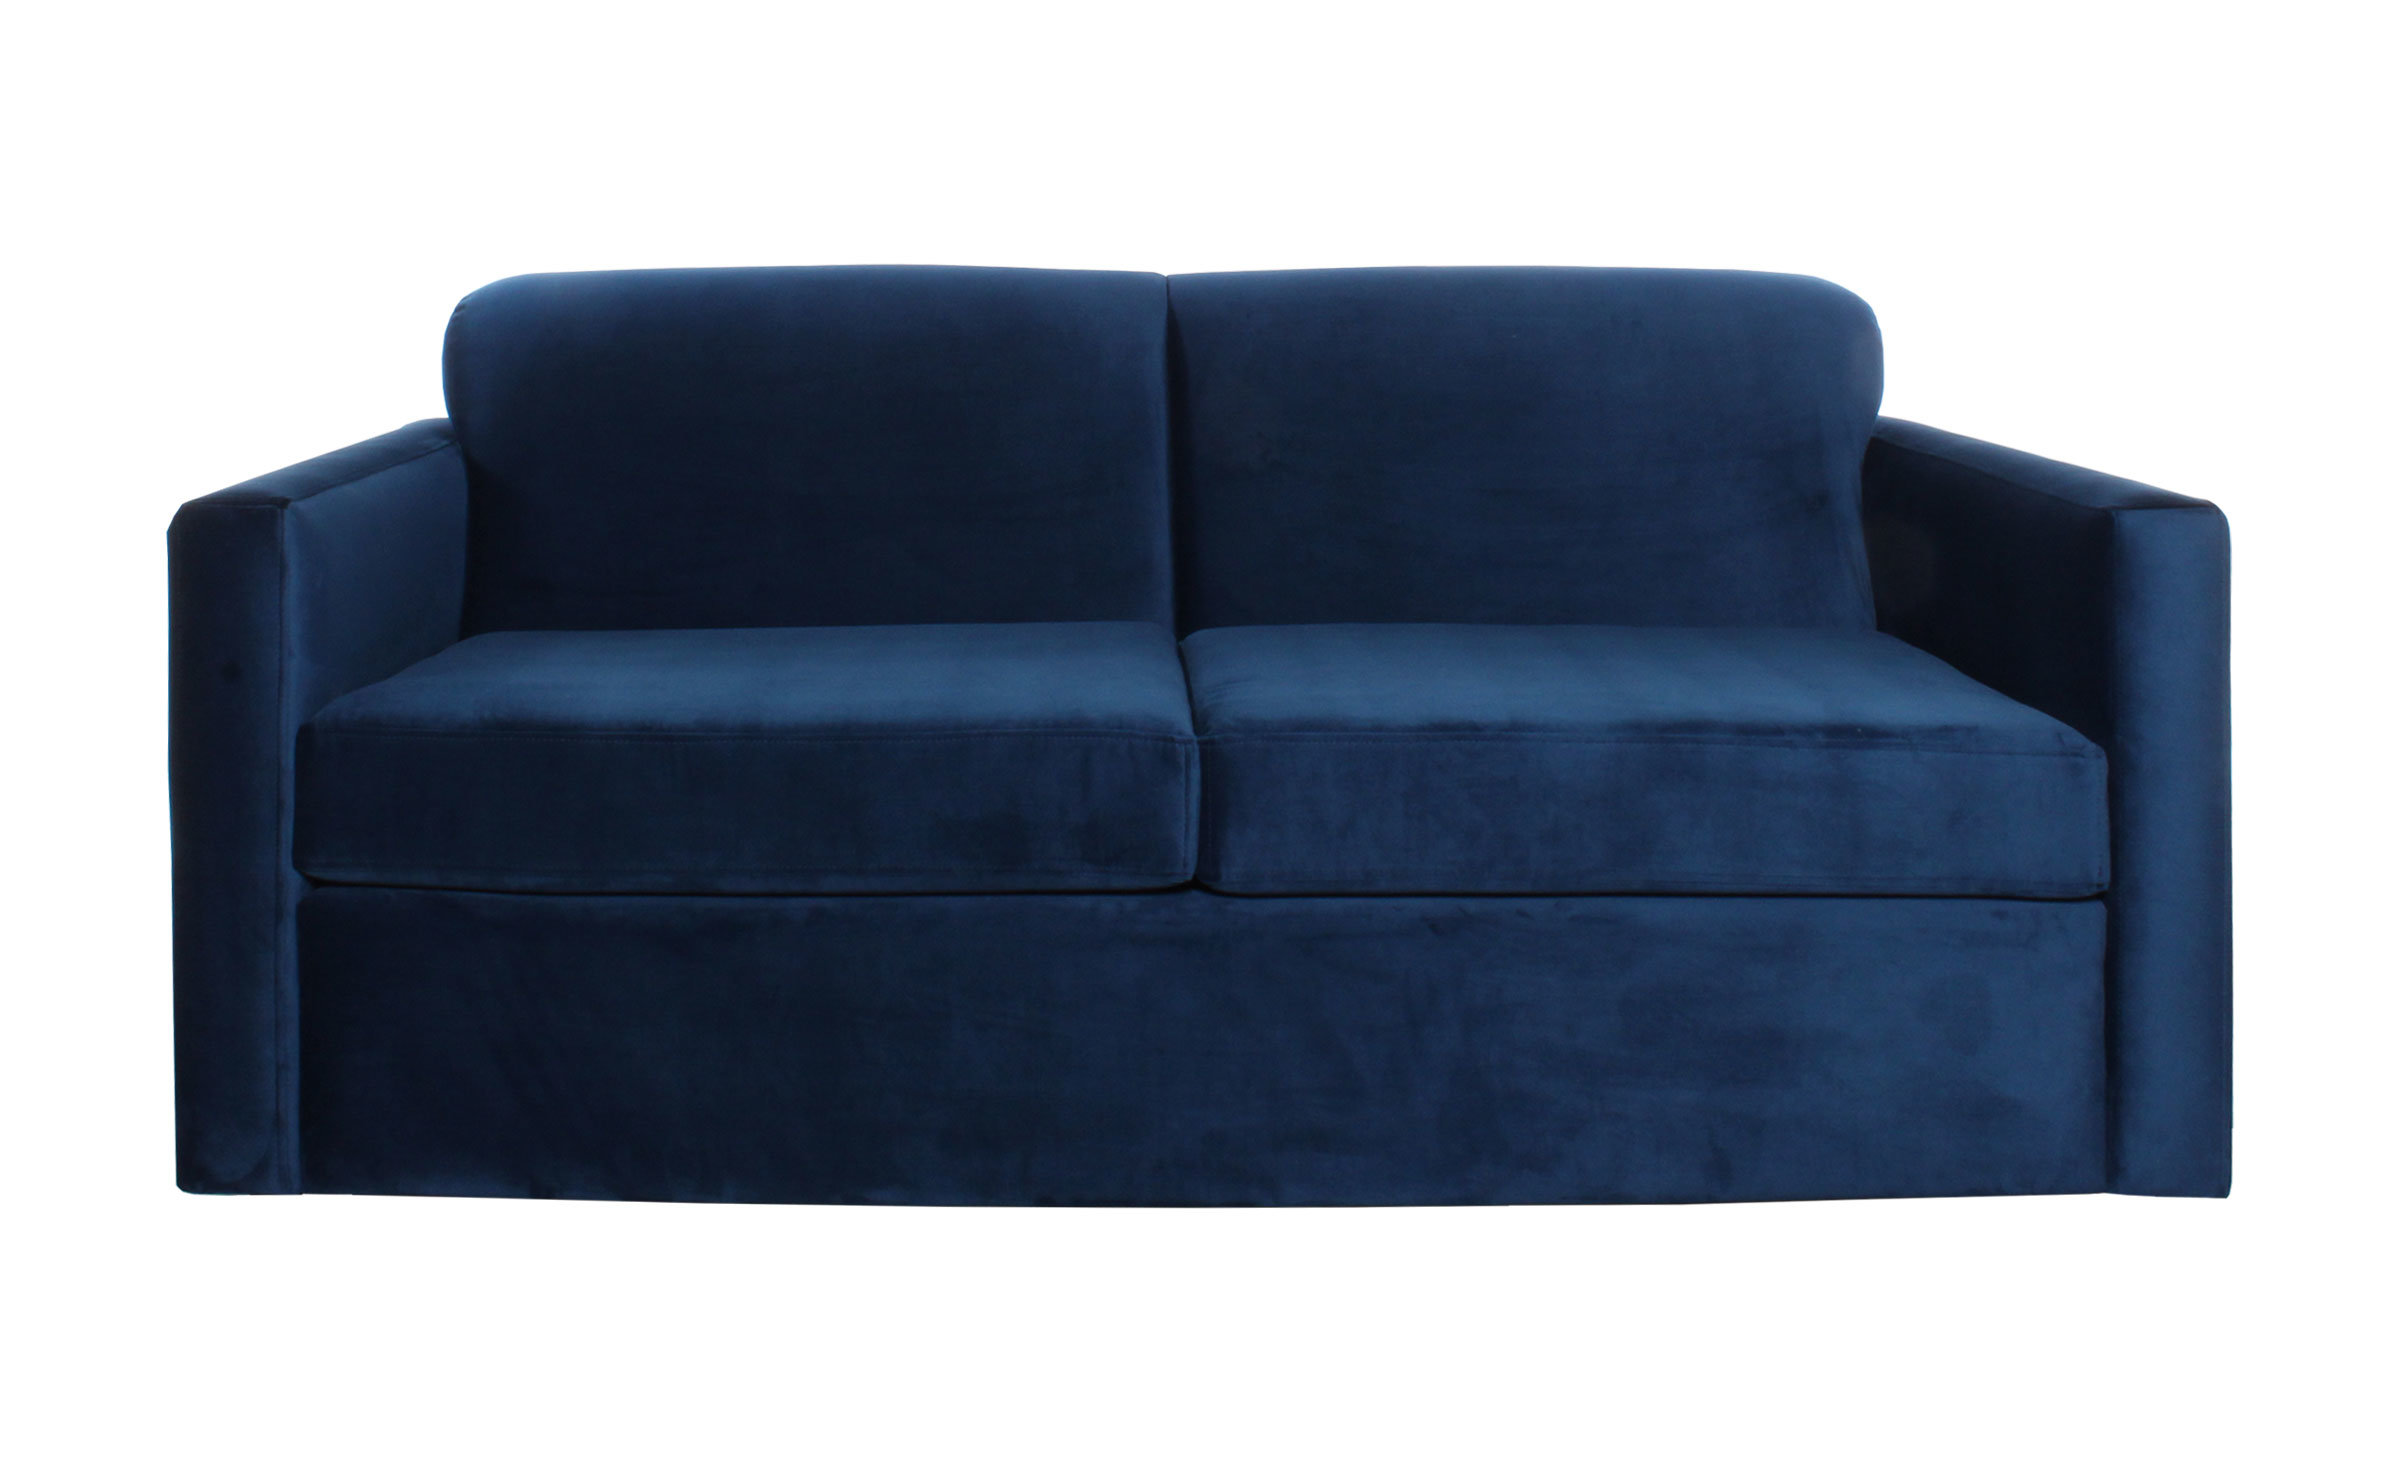 Sofa Cama Dos Cuerpos Especial Vista Frontal Ajus